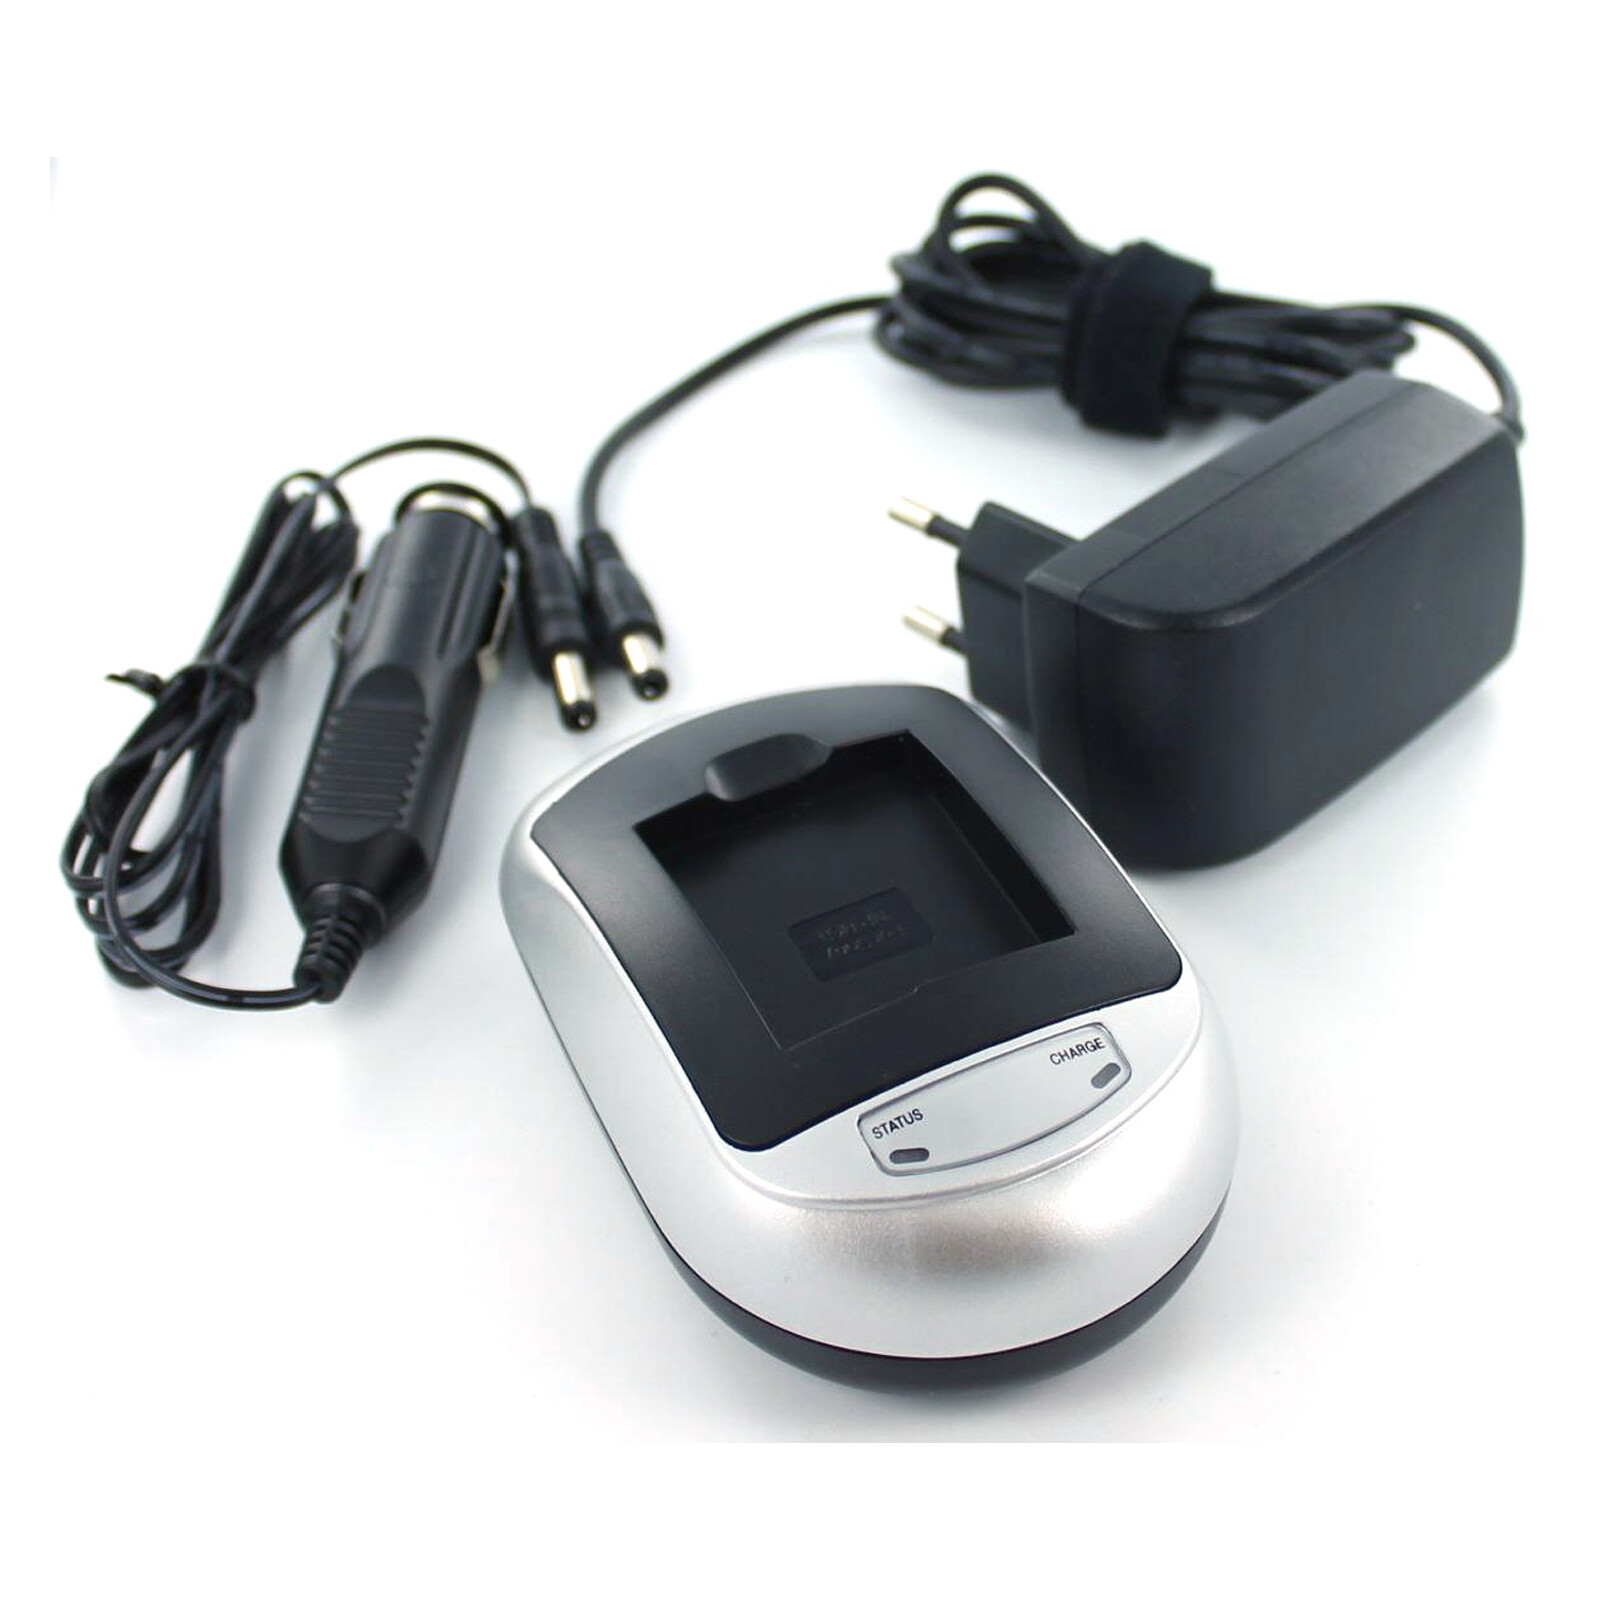 AGI 43809 Ladegerät Sony DSC-HX60/V